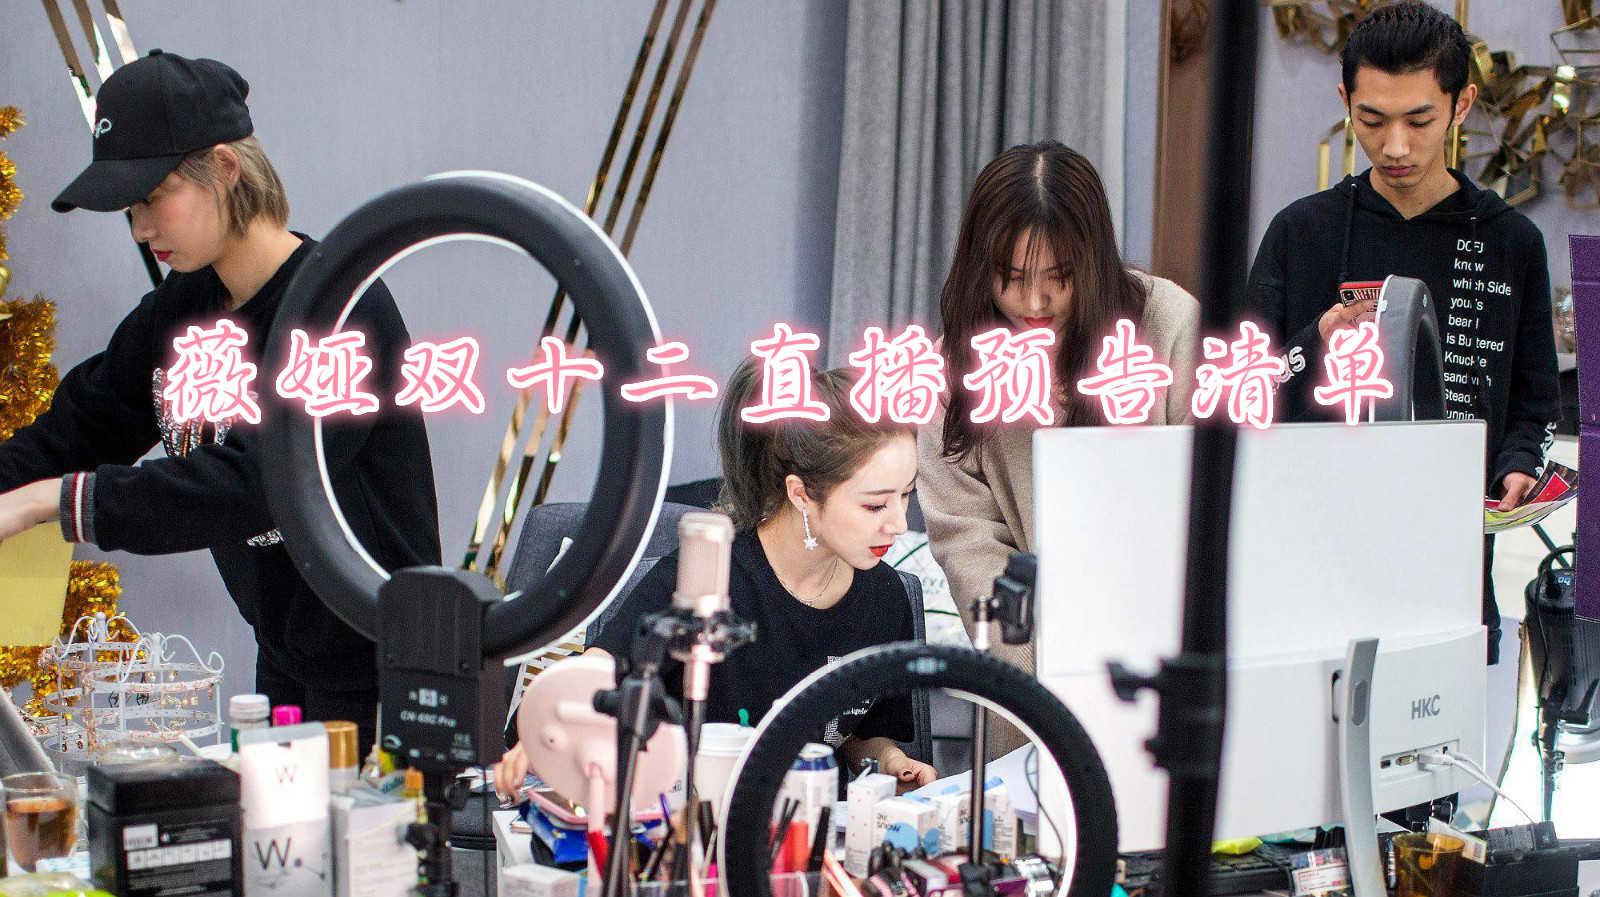 薇婭直播預告清單12.12零點場_薇婭雙十二直播預告清單